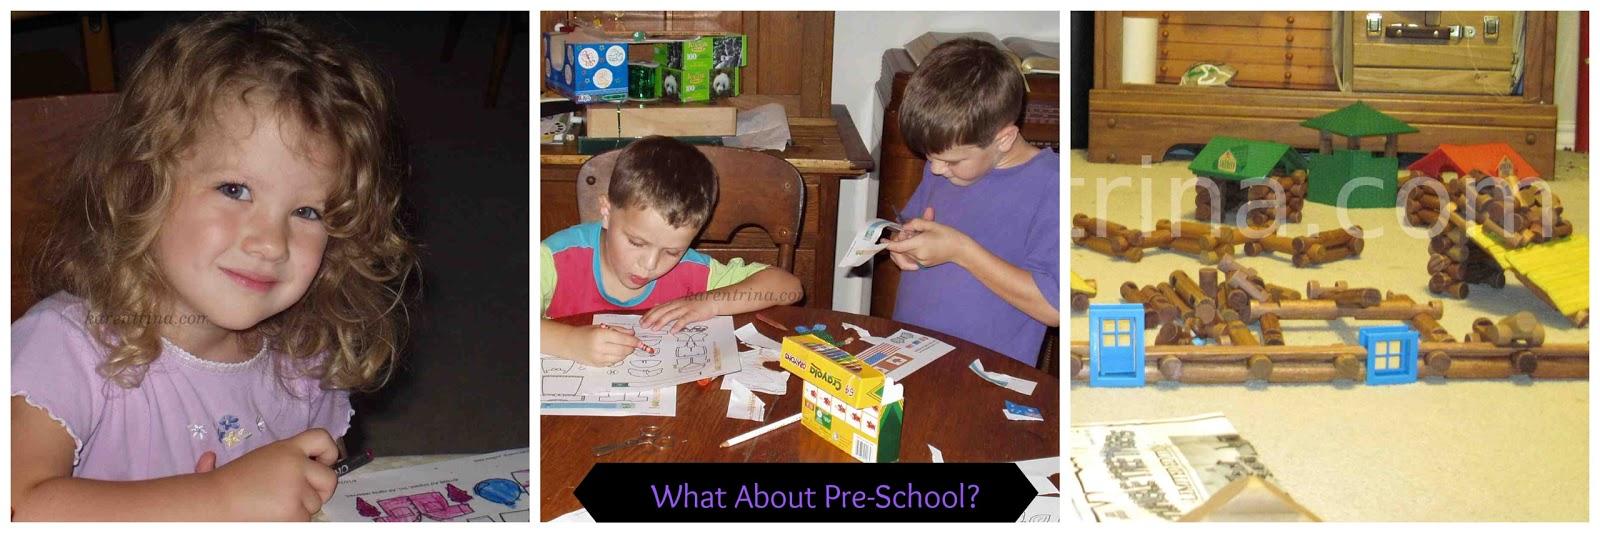 preschool activities, paper dolls